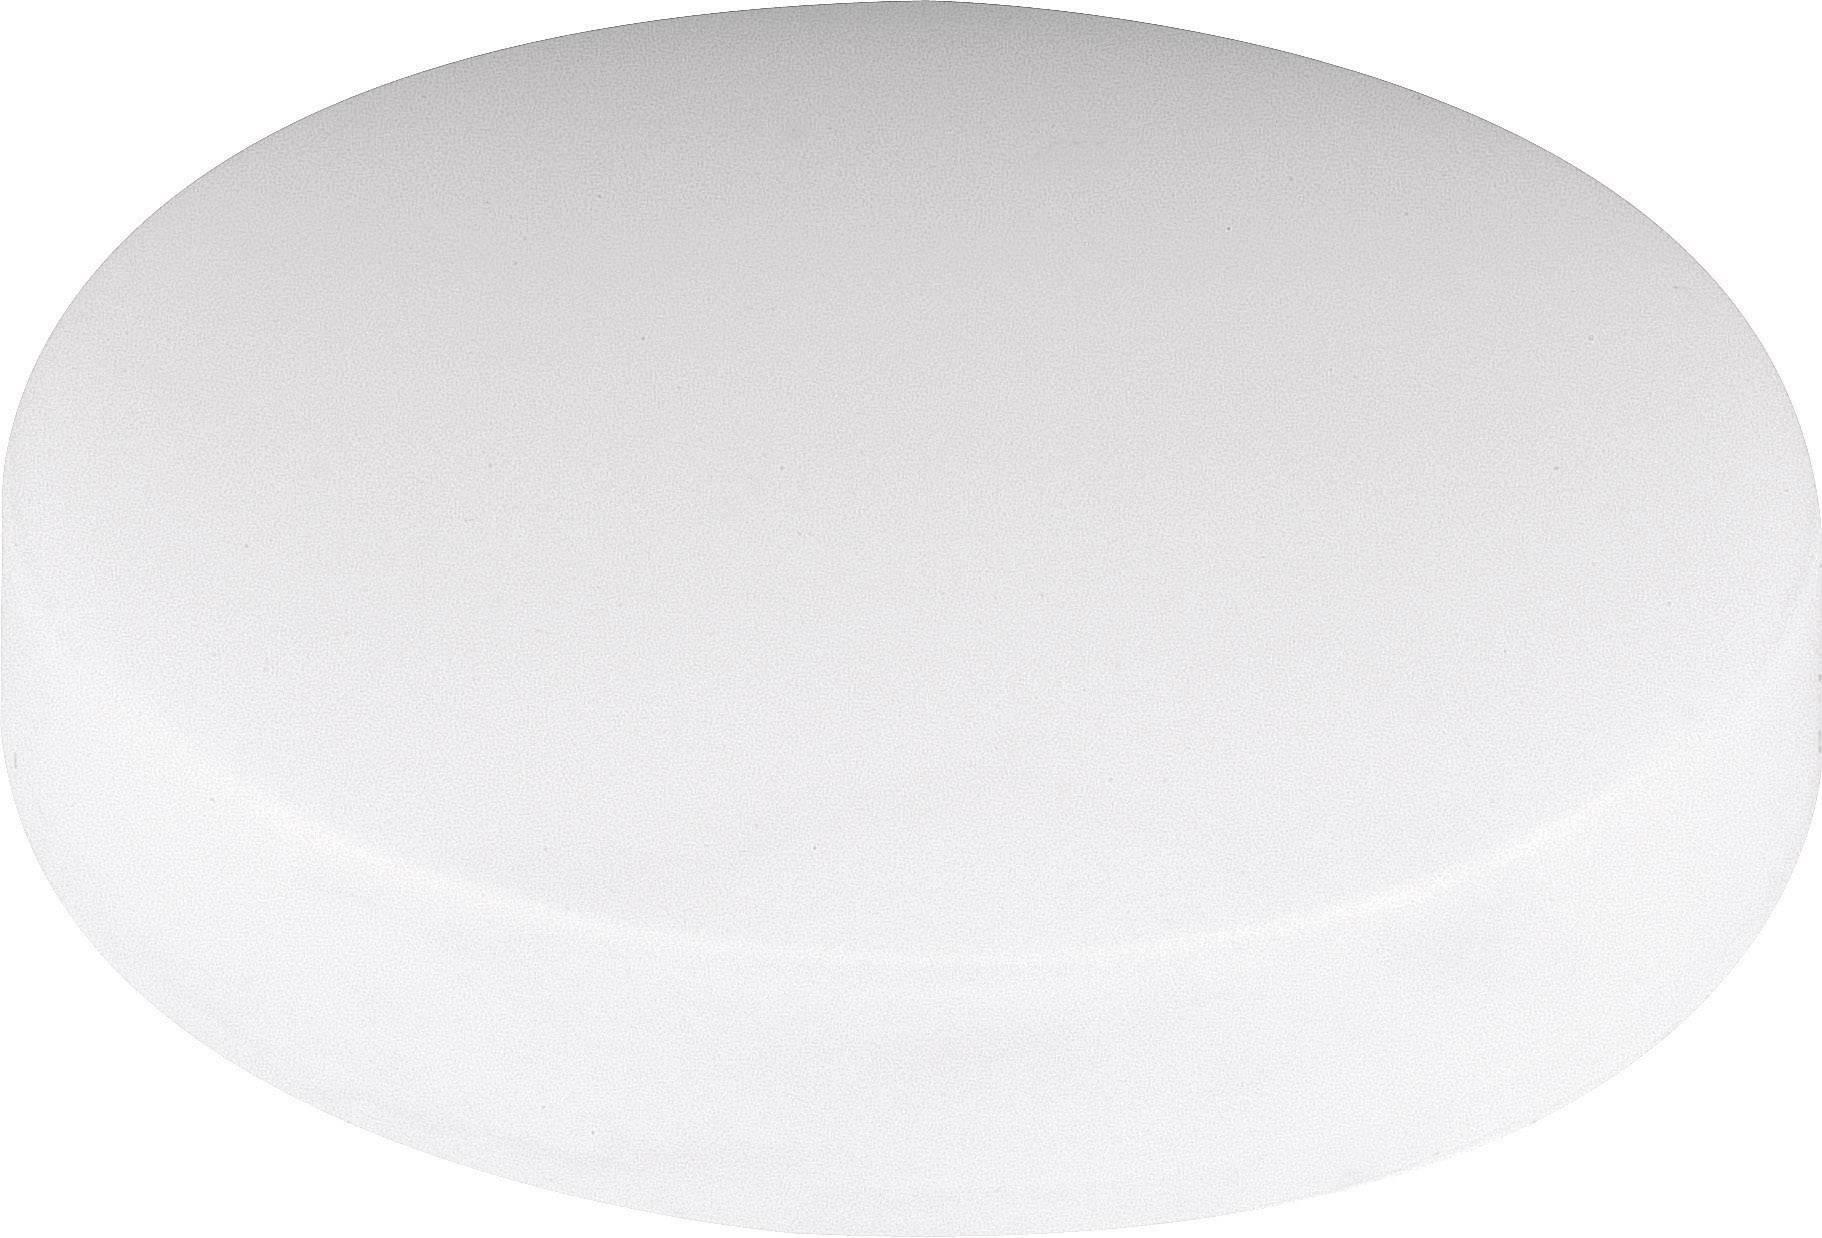 Světelná krytka pro reflektor Mentor, 2450.0700, 12 mm, (Ø x v) 13.3 mm x 3 mm, žlutá